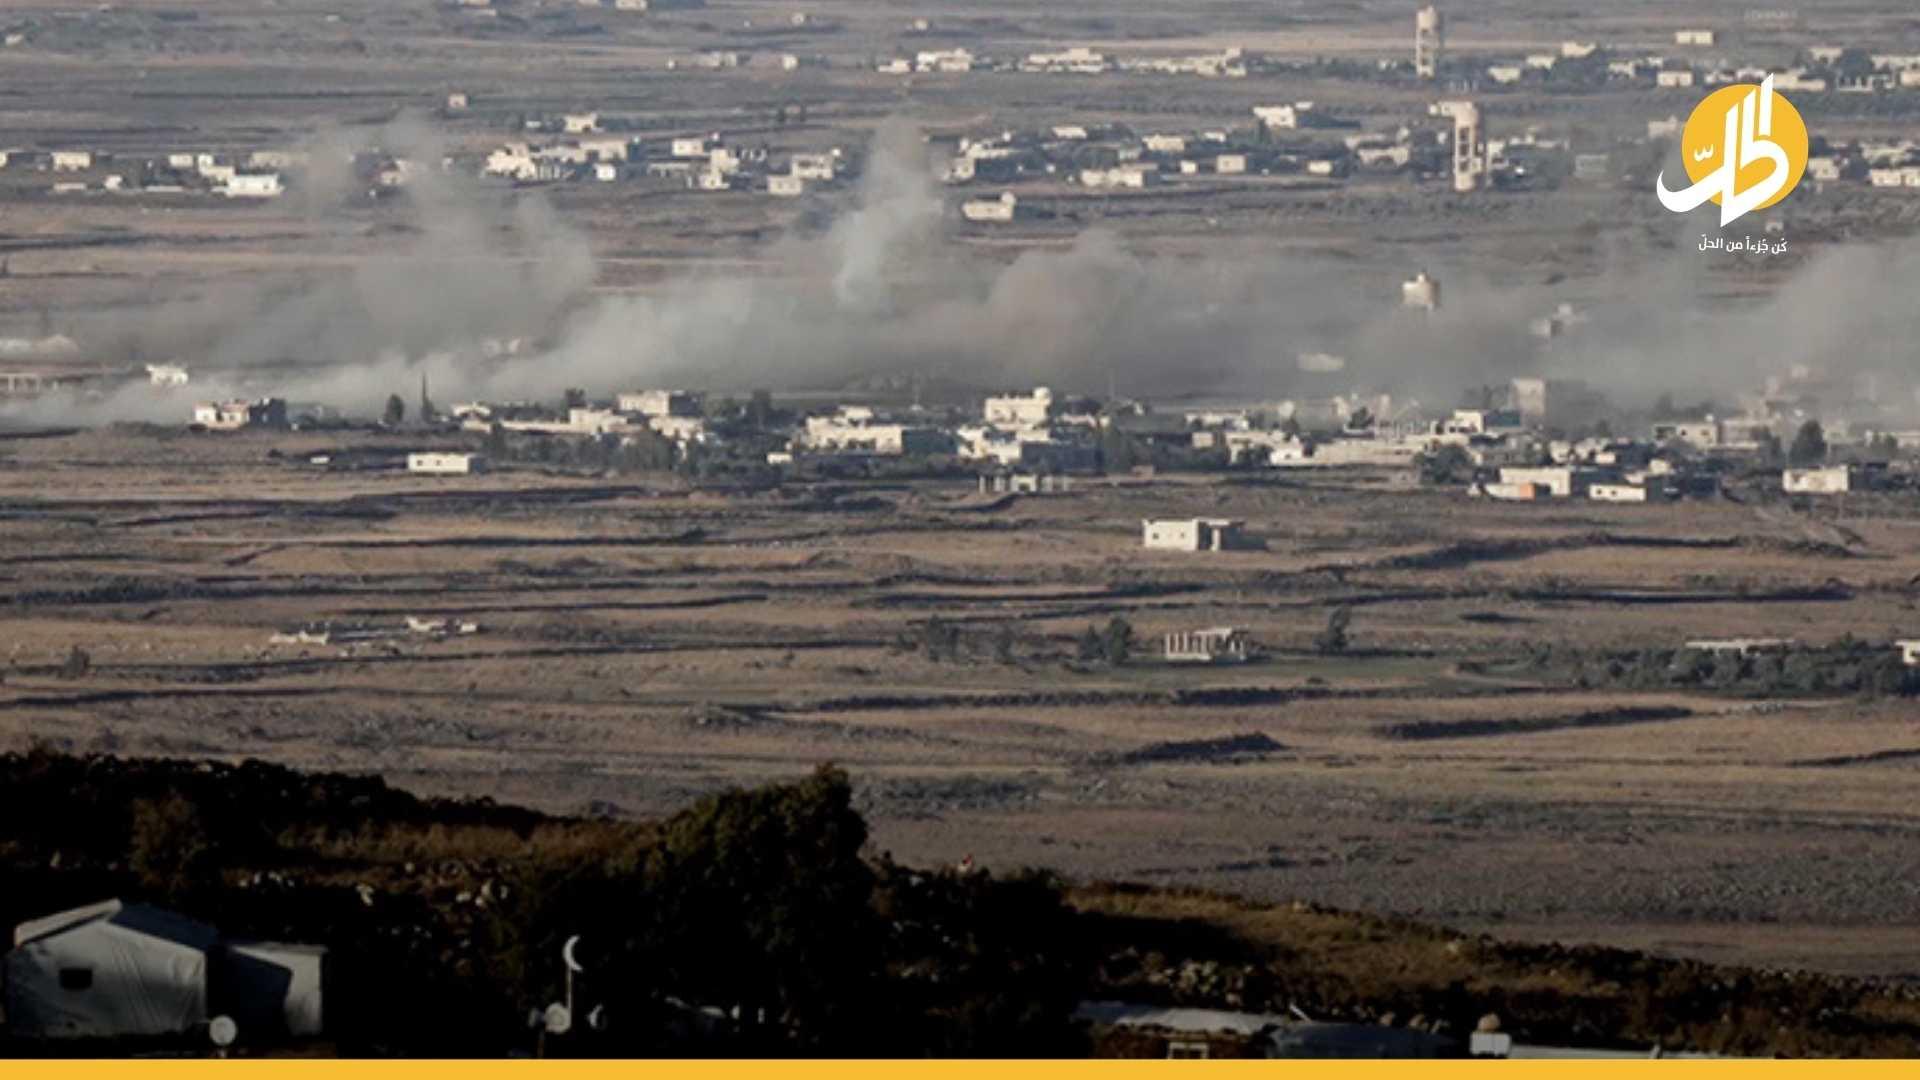 """بعد نشر صوره.. إسرائيل تستهدف نقطة عسكرية لقيادي في """"حزب الله"""" بالقنيطرة"""